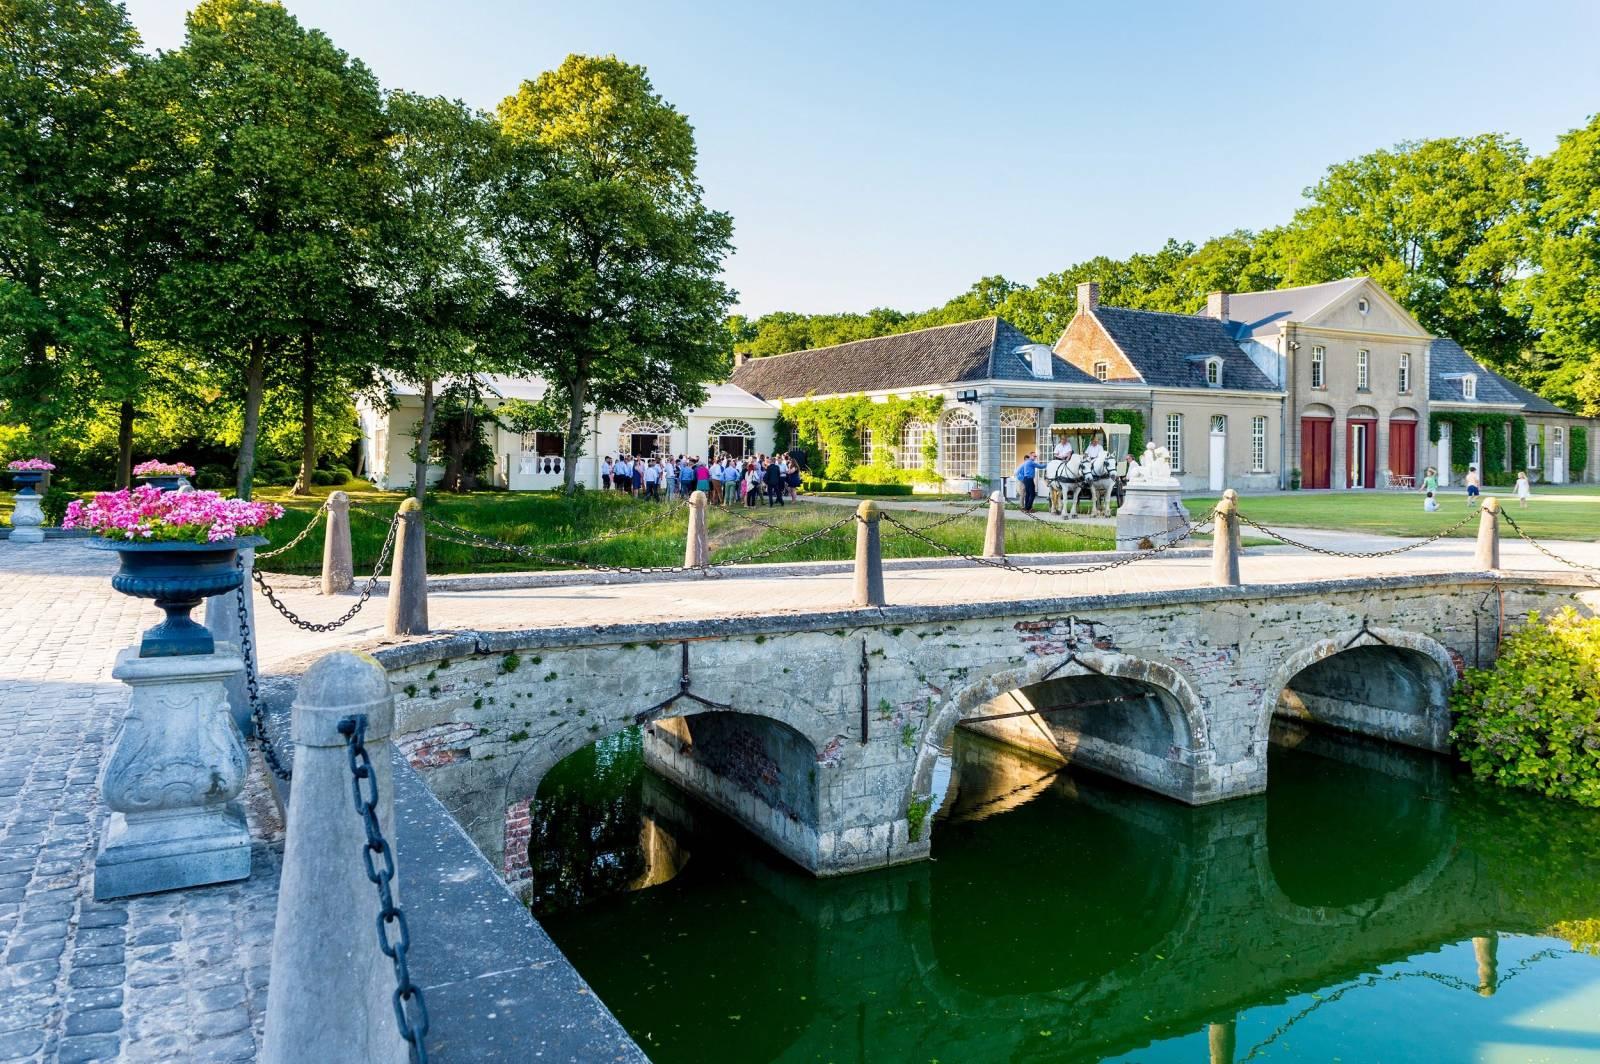 Kasteel van Leeuwergem - Feestzaal - House of Weddings  - 21